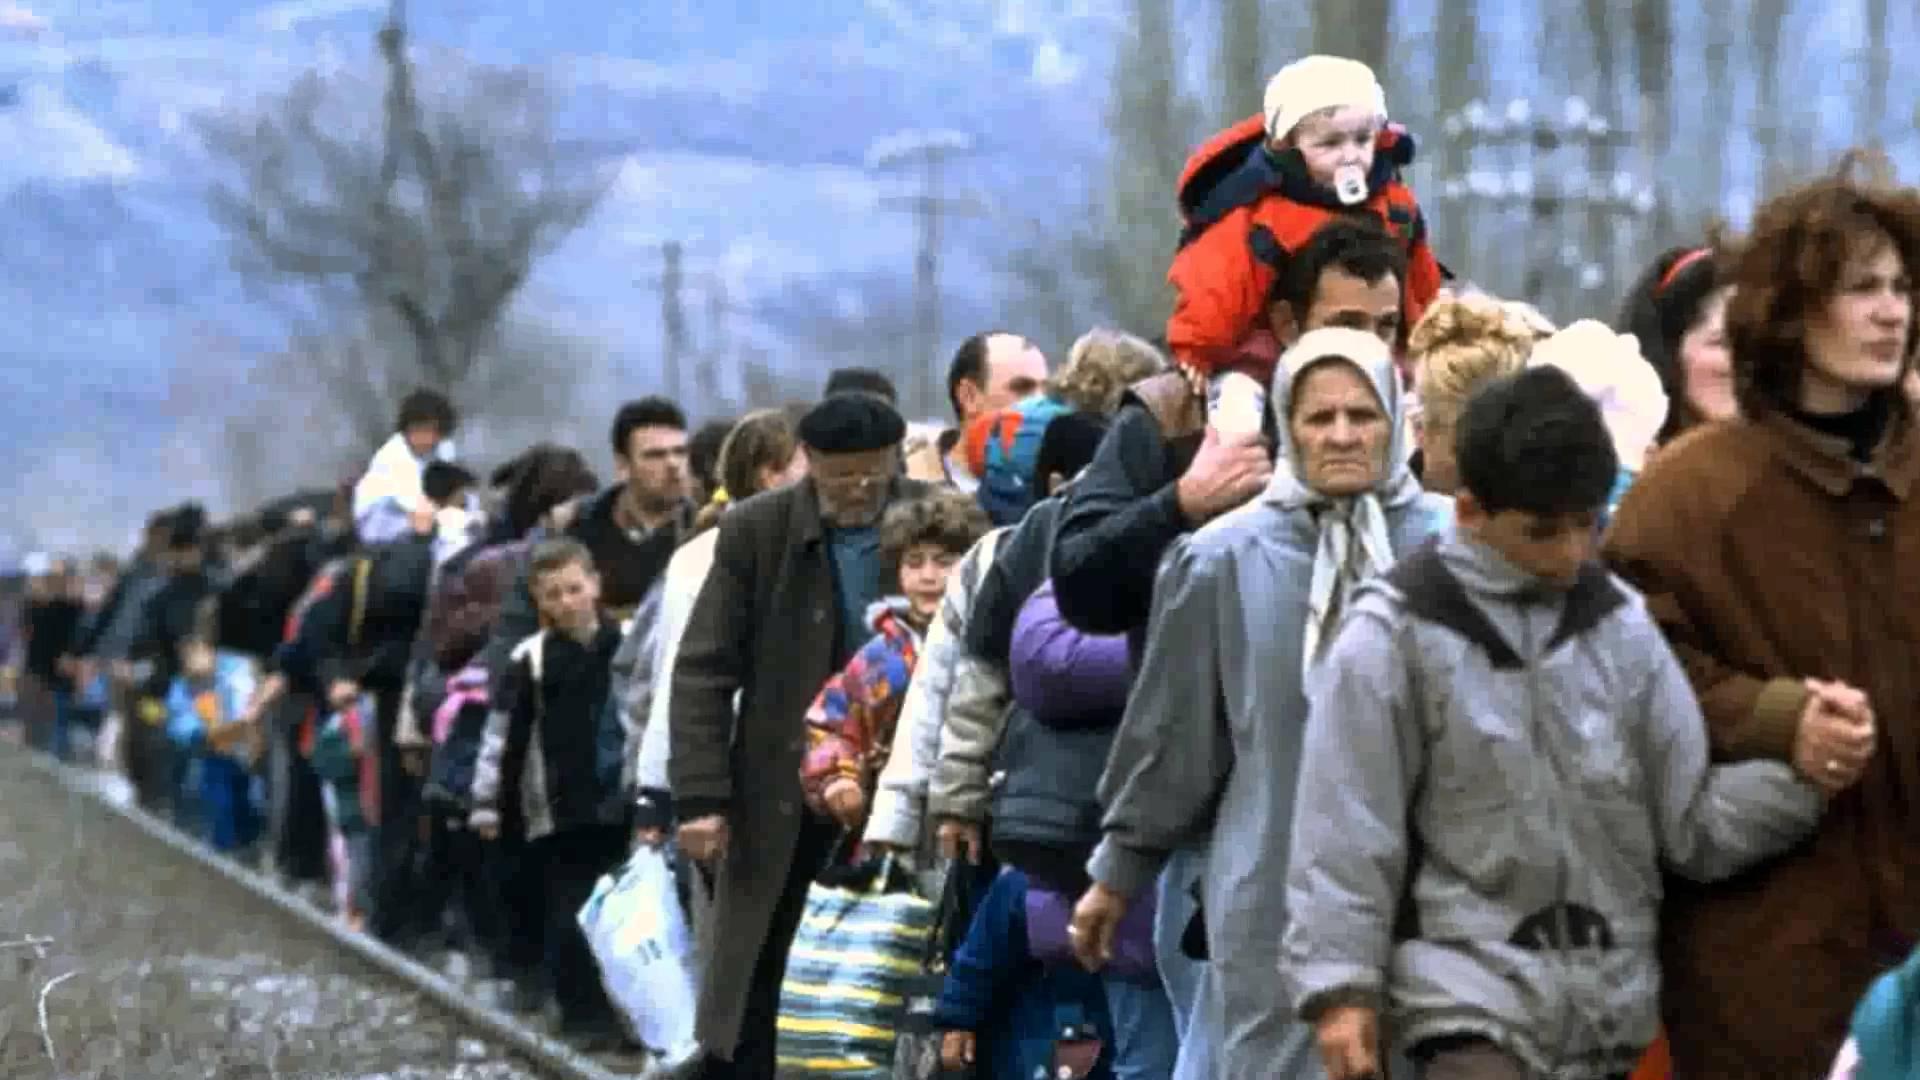 Спецслужбы Казахстана обсуждают меры реабилитации семей, прибывающих из зон террористической активности